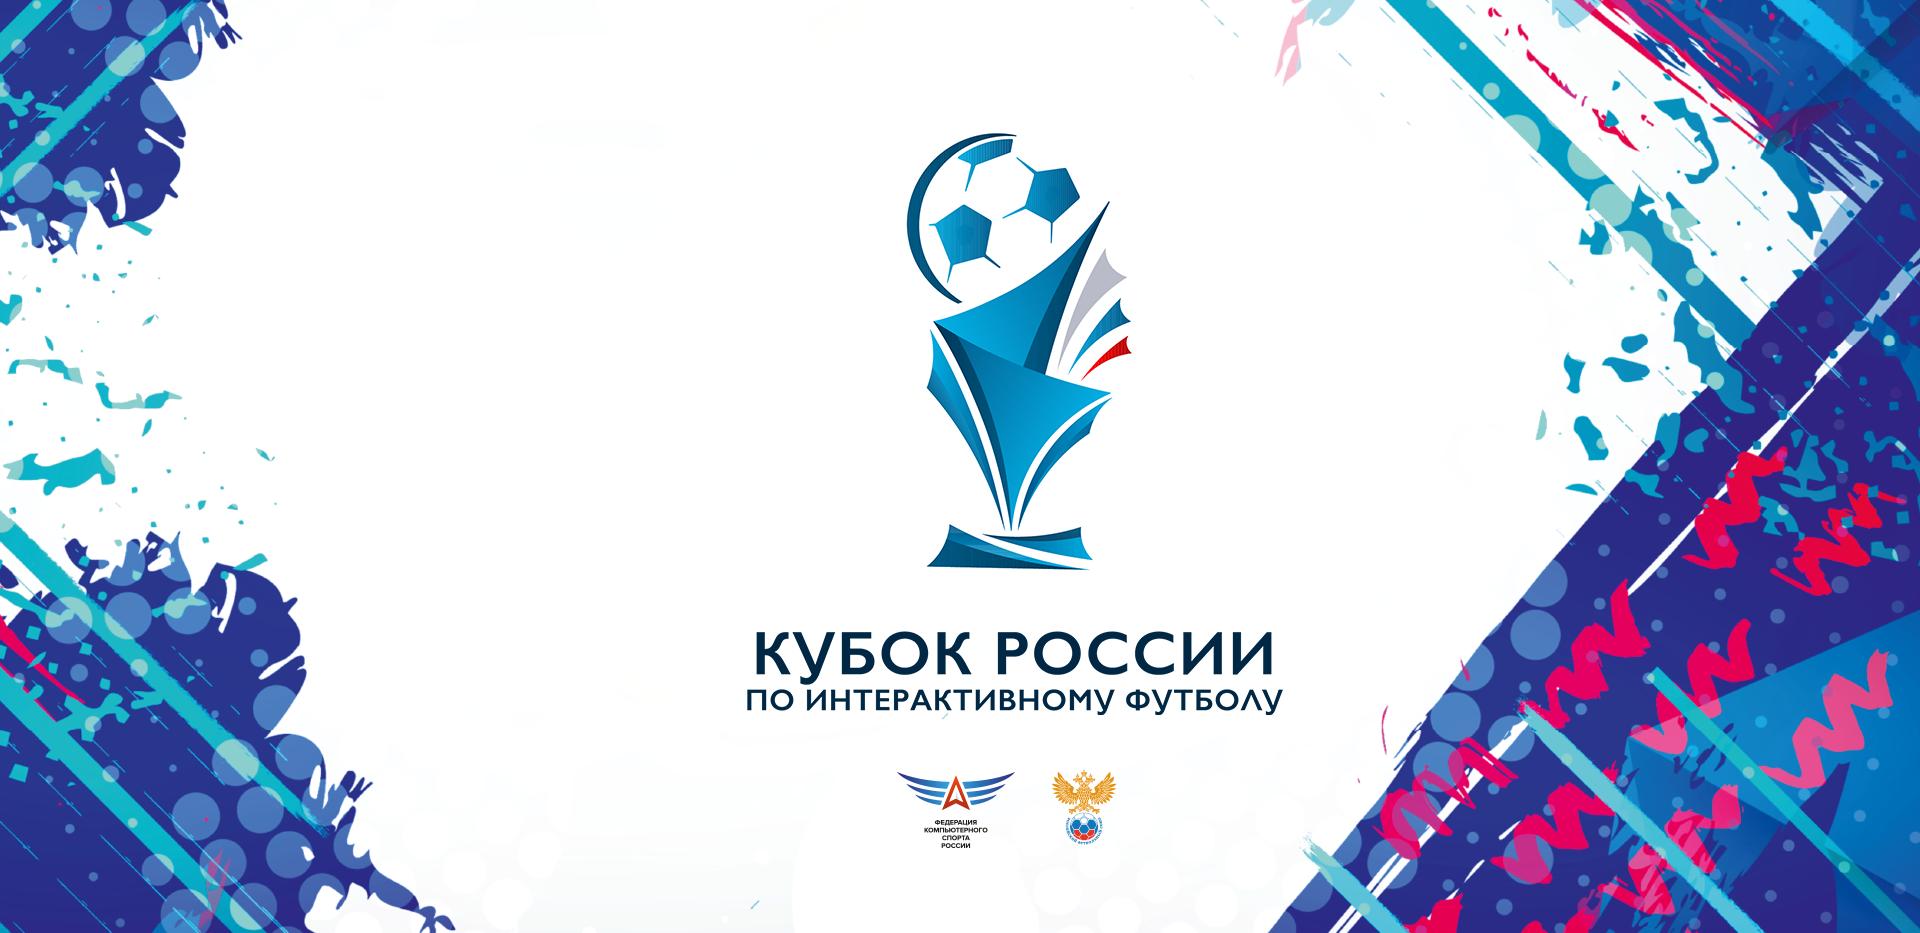 Финал Кубка России по интерактивному футболу пройдёт 23 июля в Yota Arena!